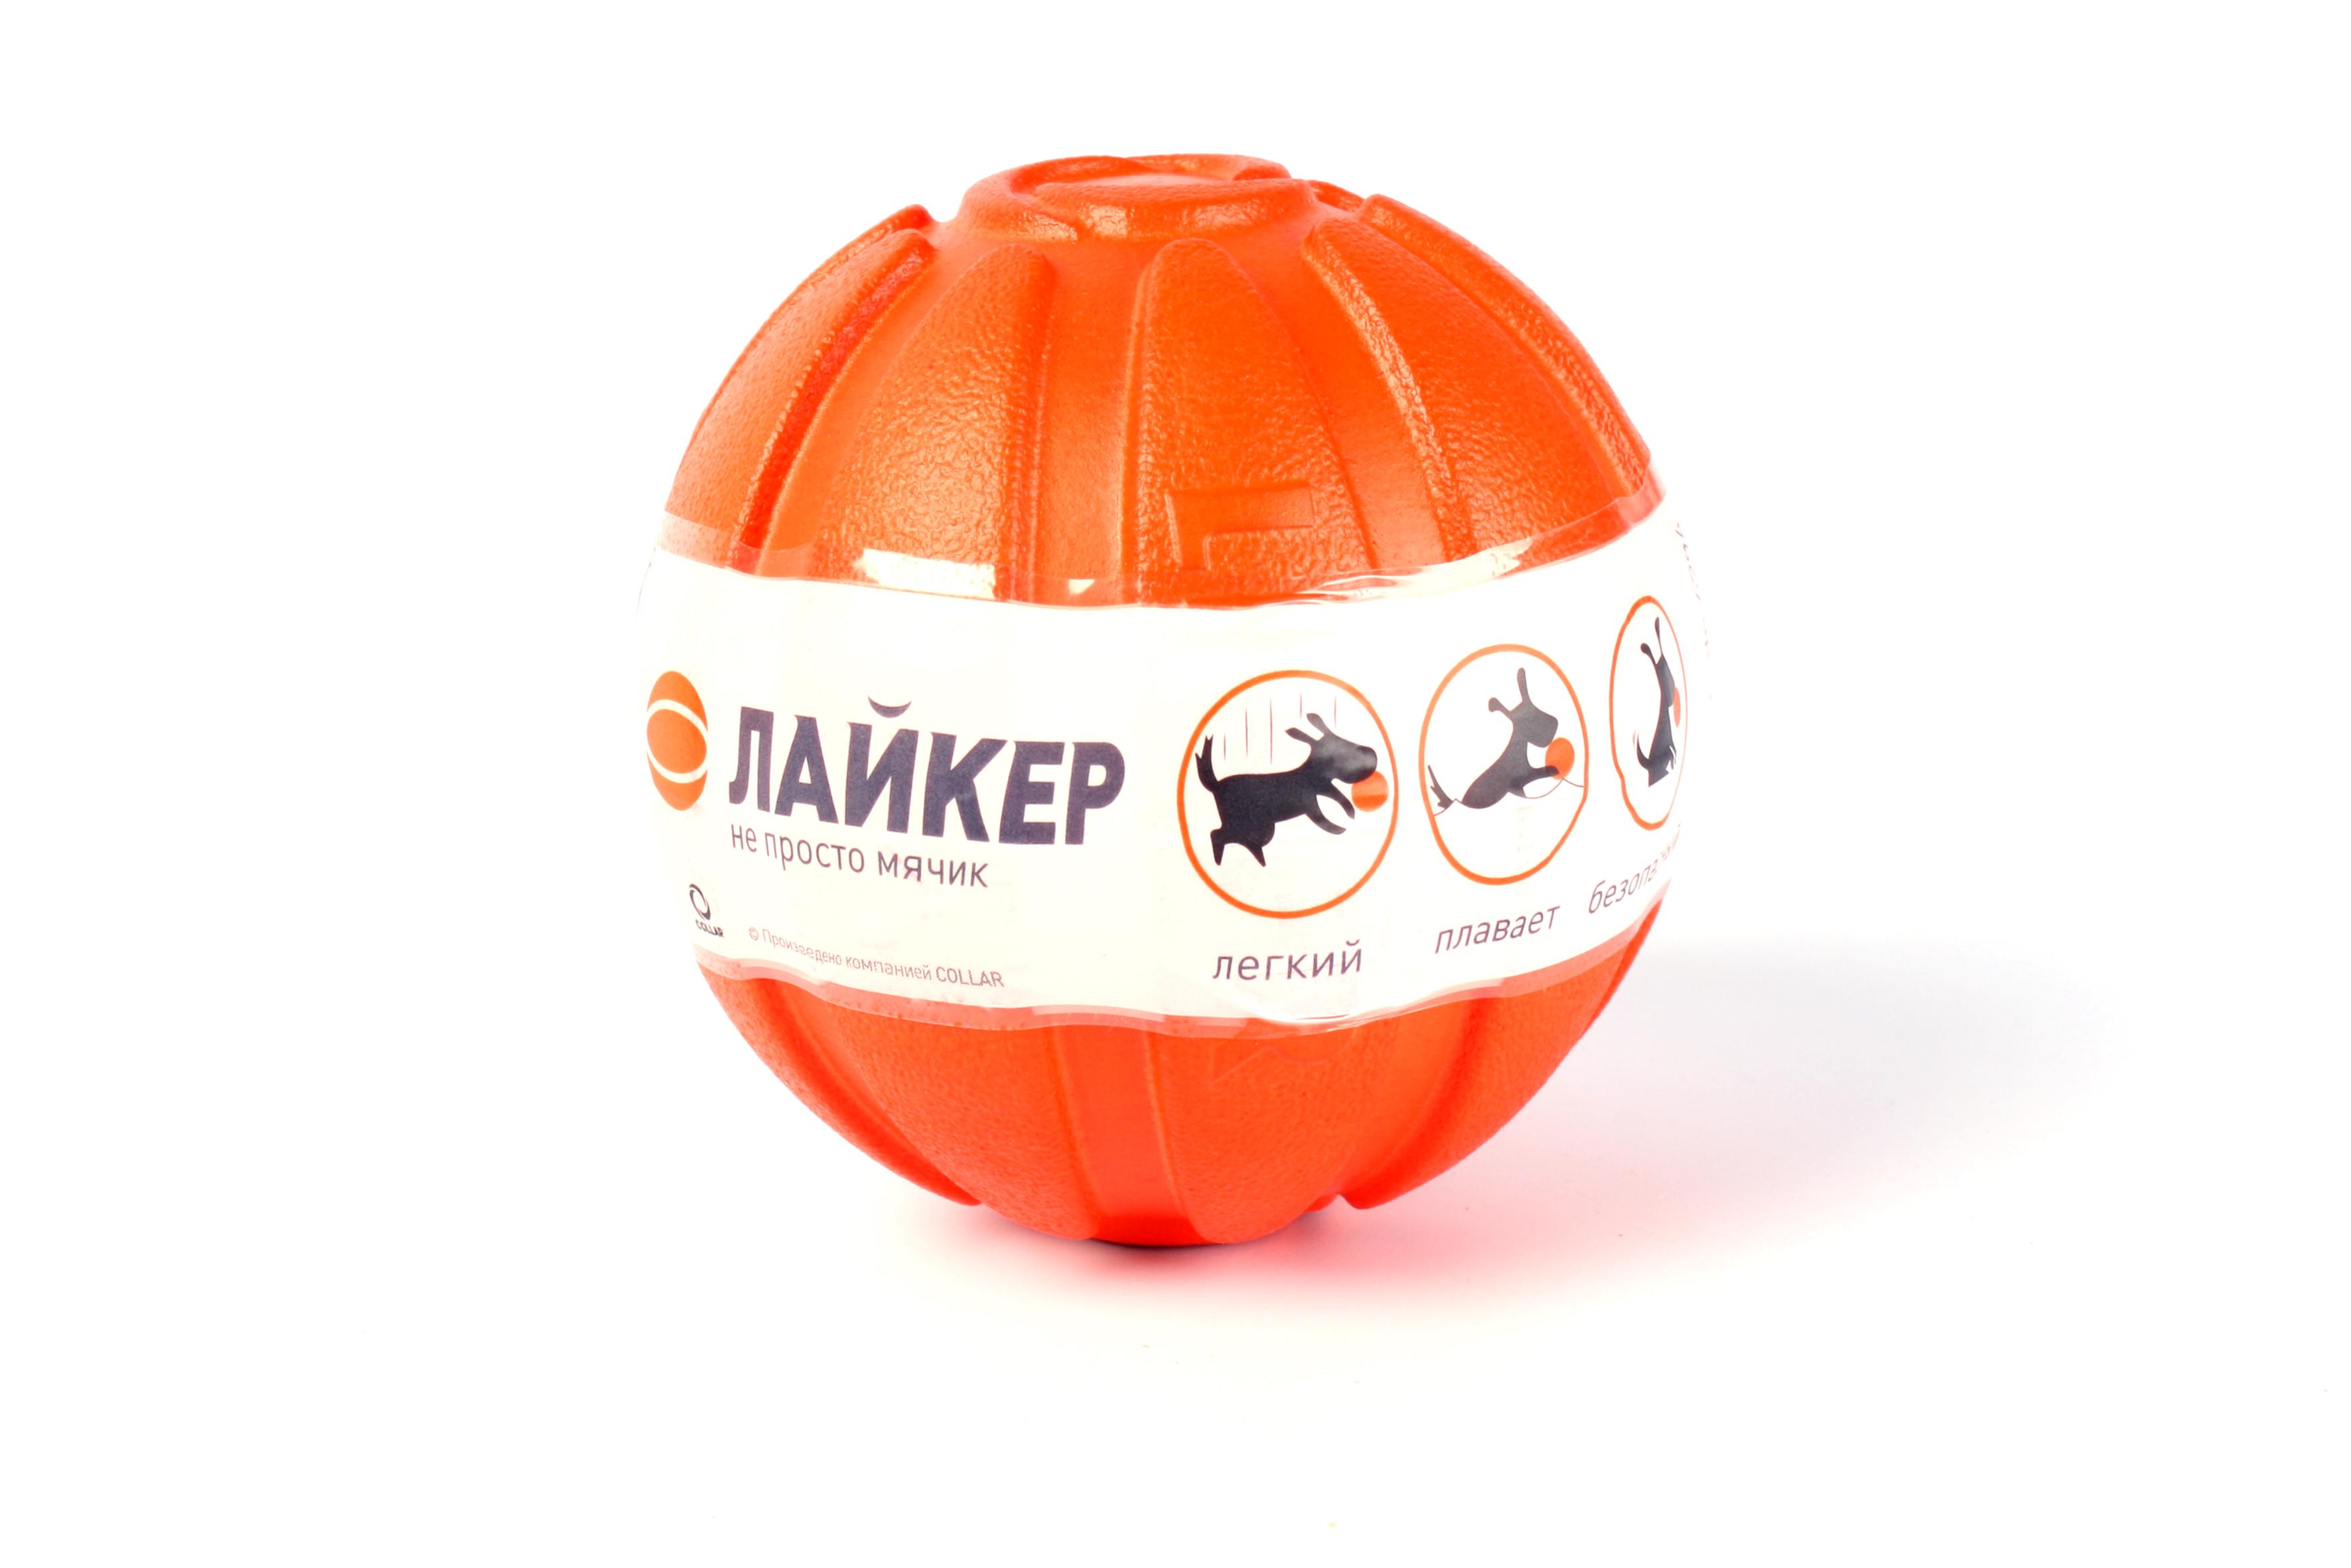 Collar Мячик ЛАЙКЕР, диаметр 7 см 6294 Kormberi.ru магазин товаров для ваших животных